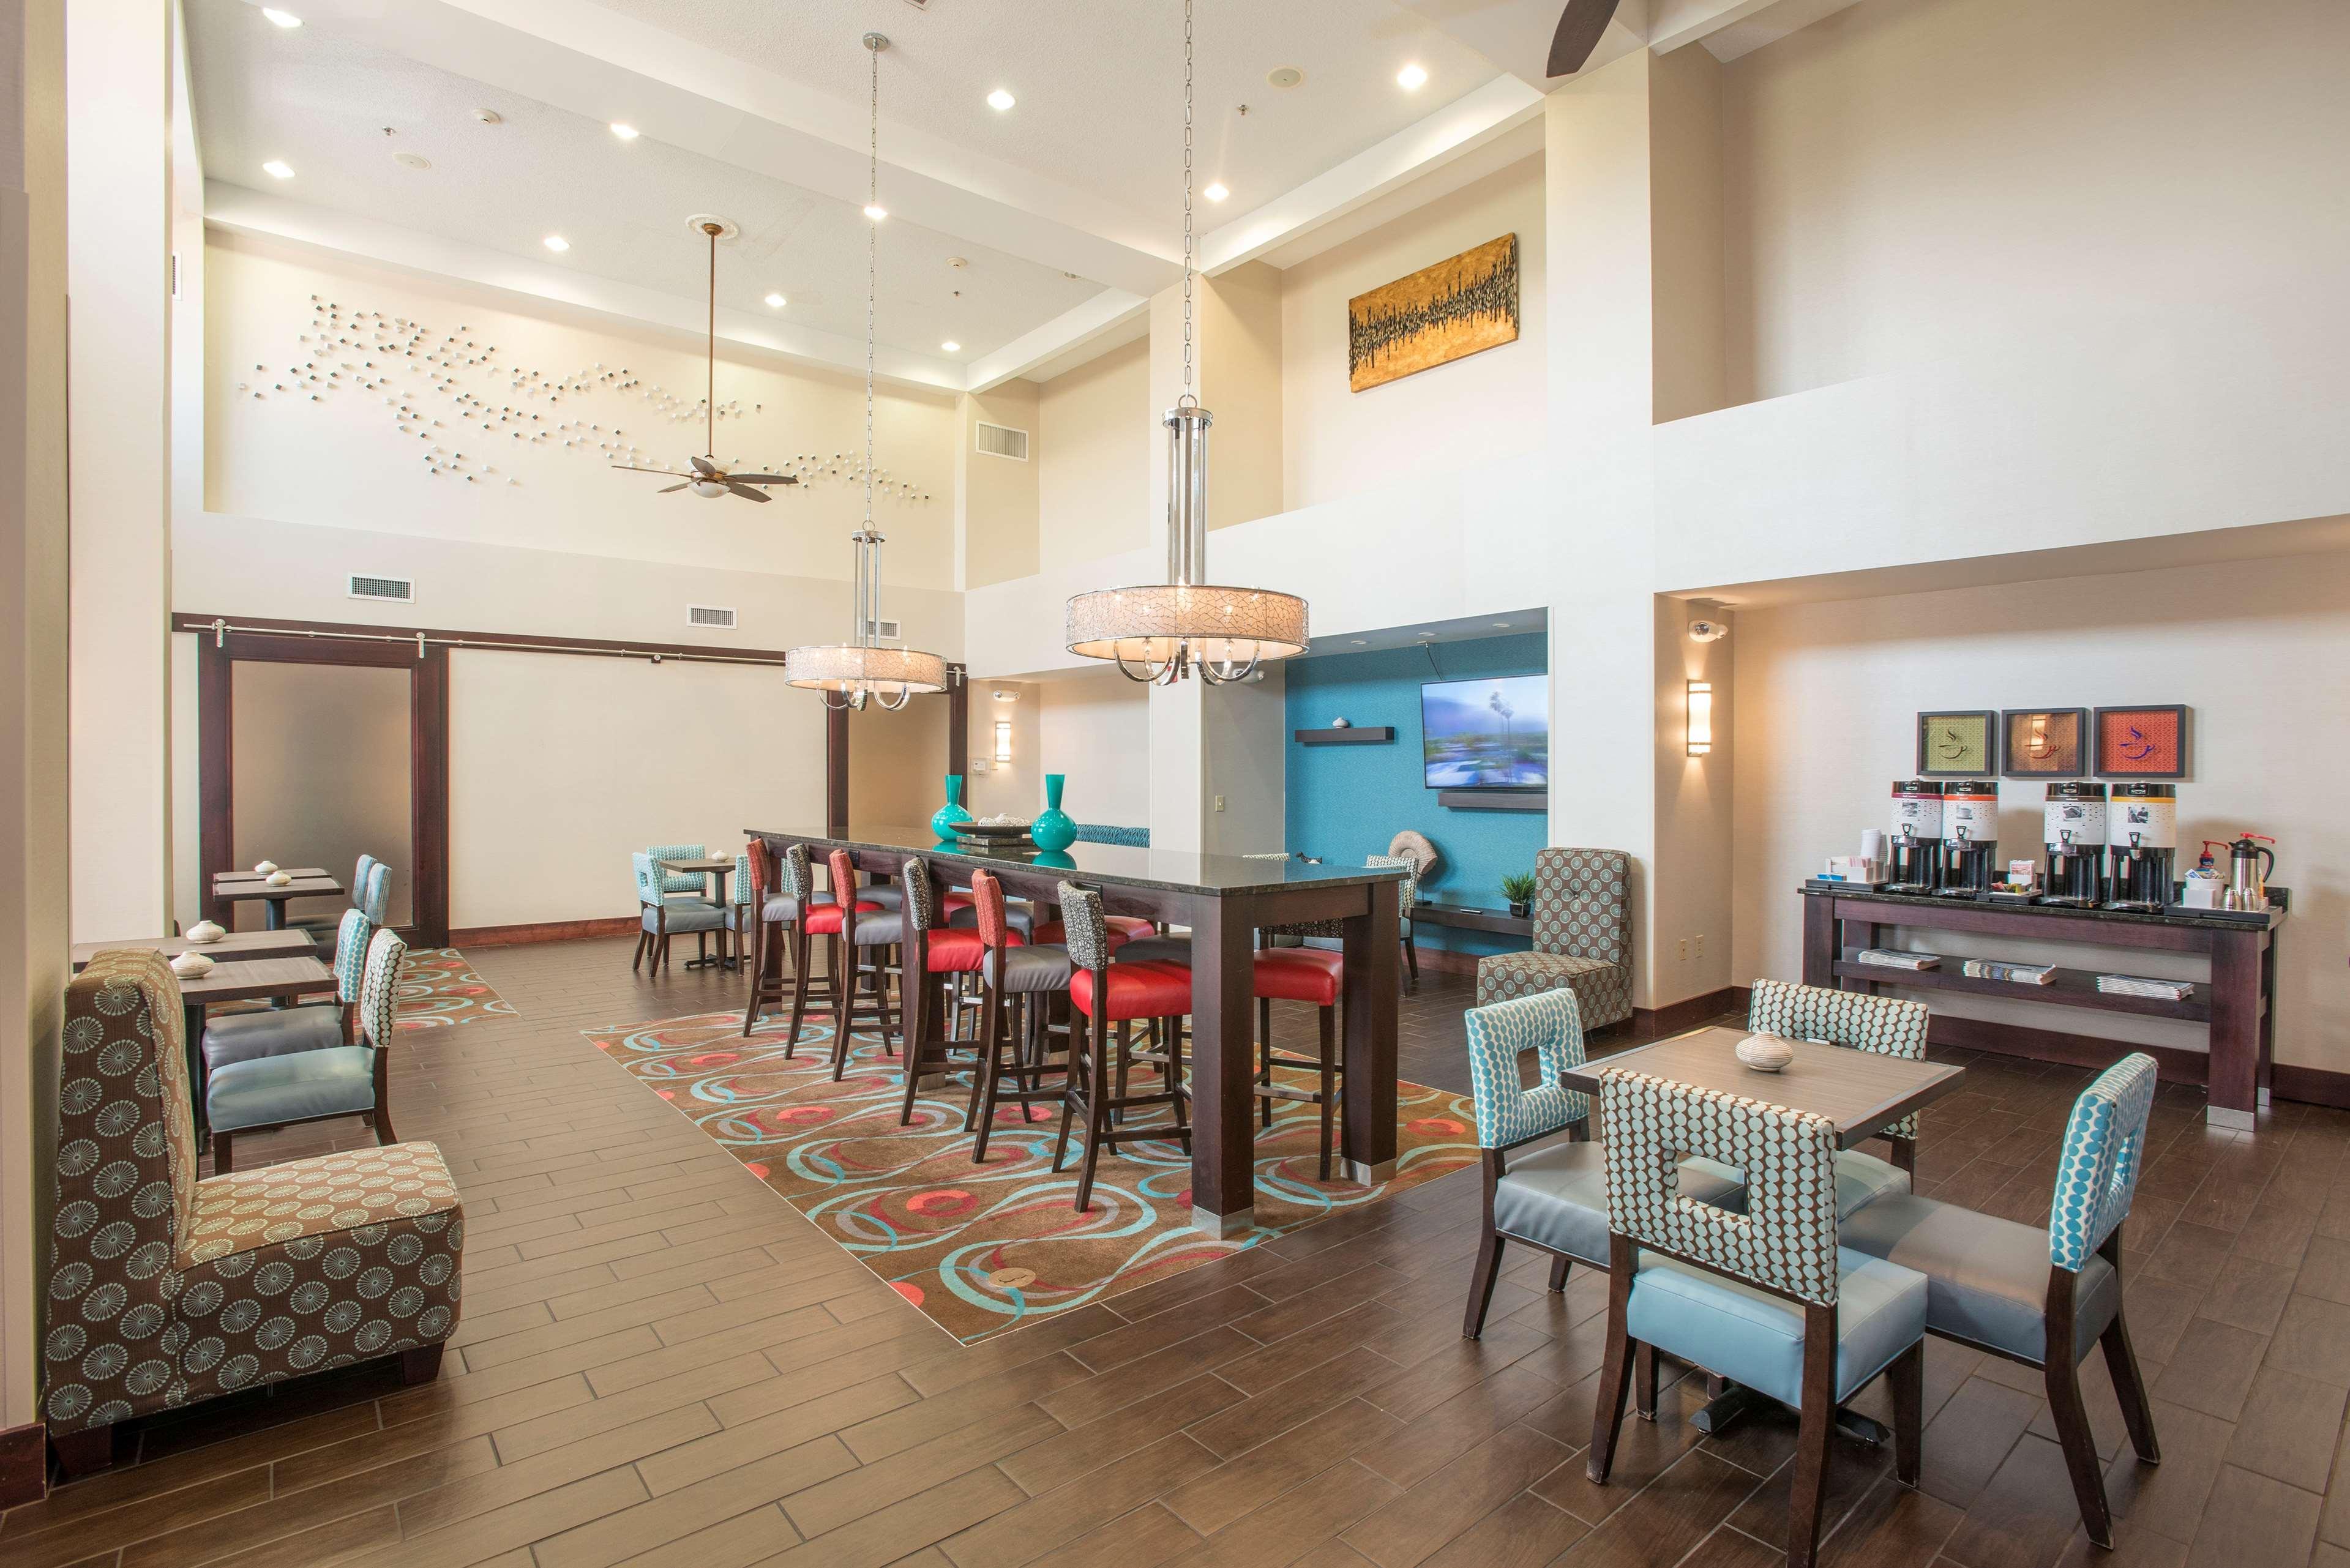 Hampton Inn & Suites Dayton-Airport image 2